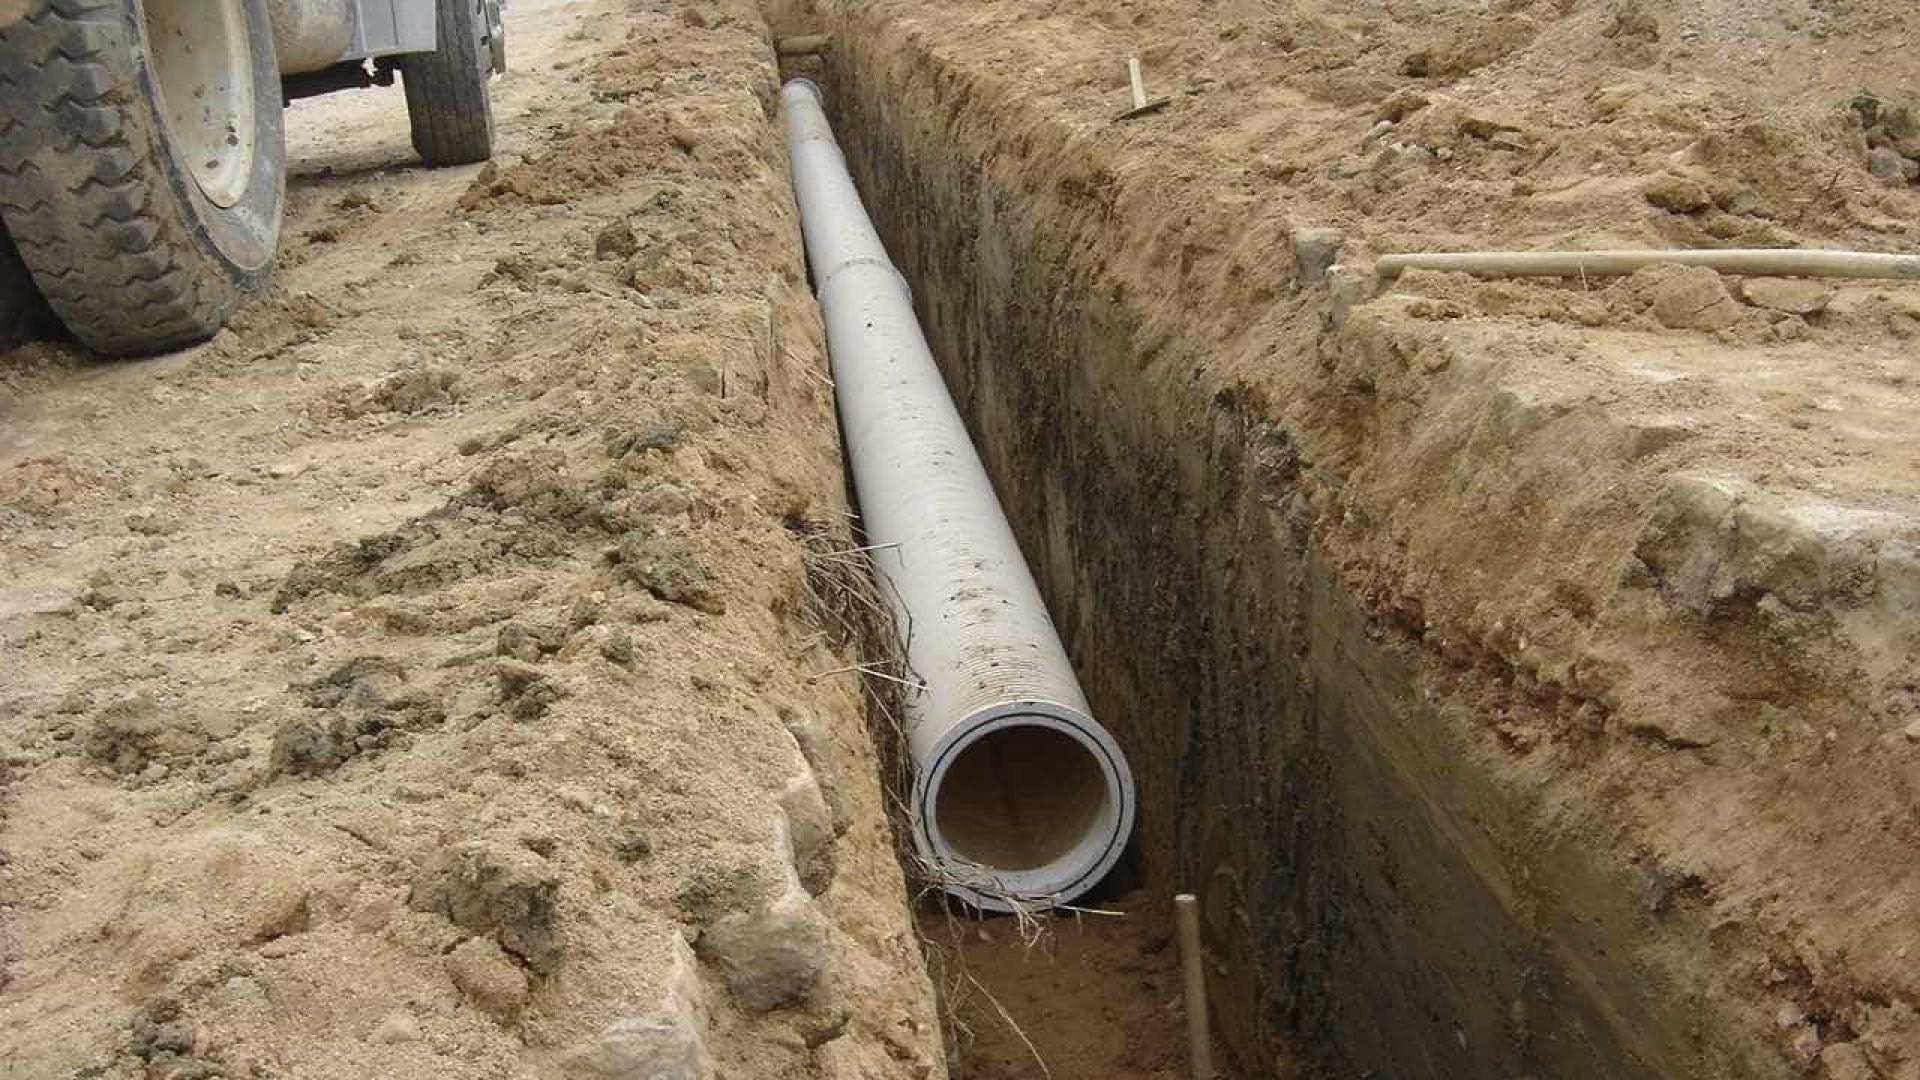 Taxa de lixo poderá vir na conta de água com MP do saneamento